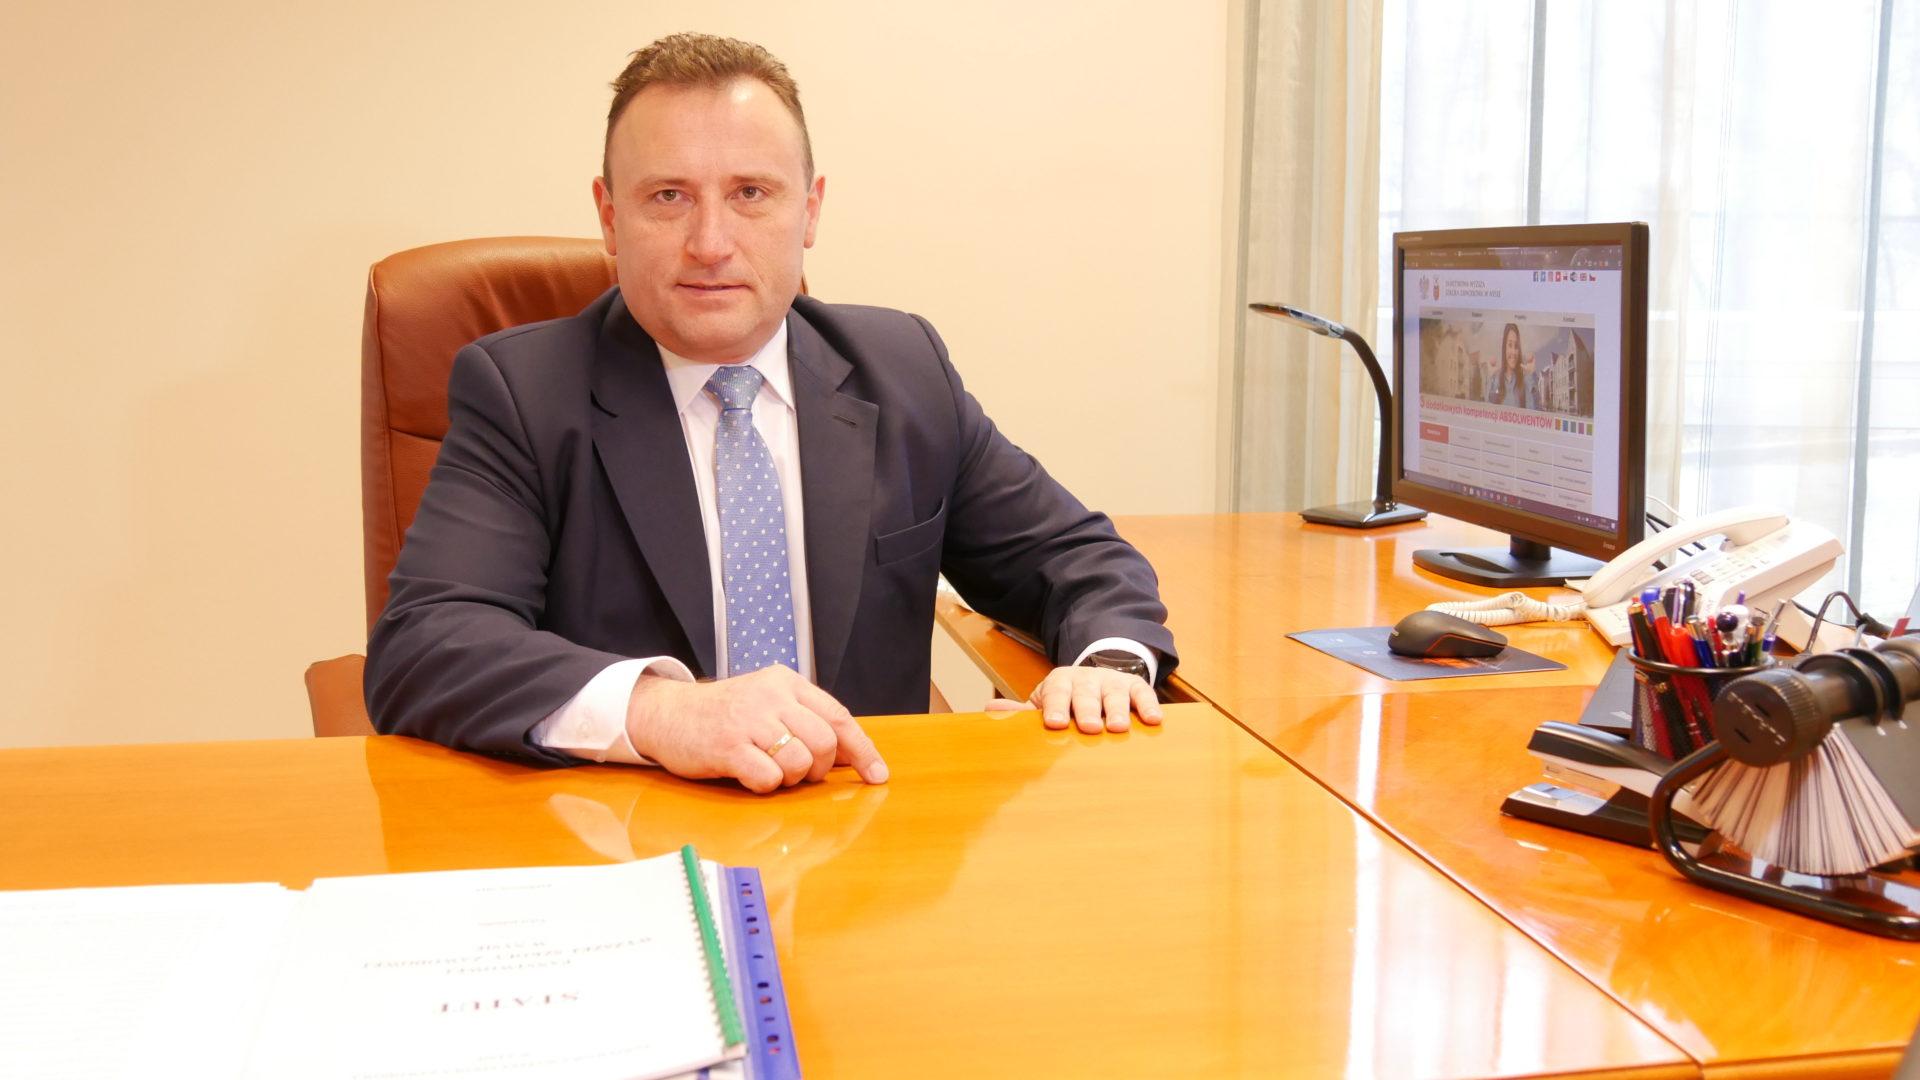 Przemysław Malinowski wybrany na Rektora PWSZ w Nysie na lata 2020-2024